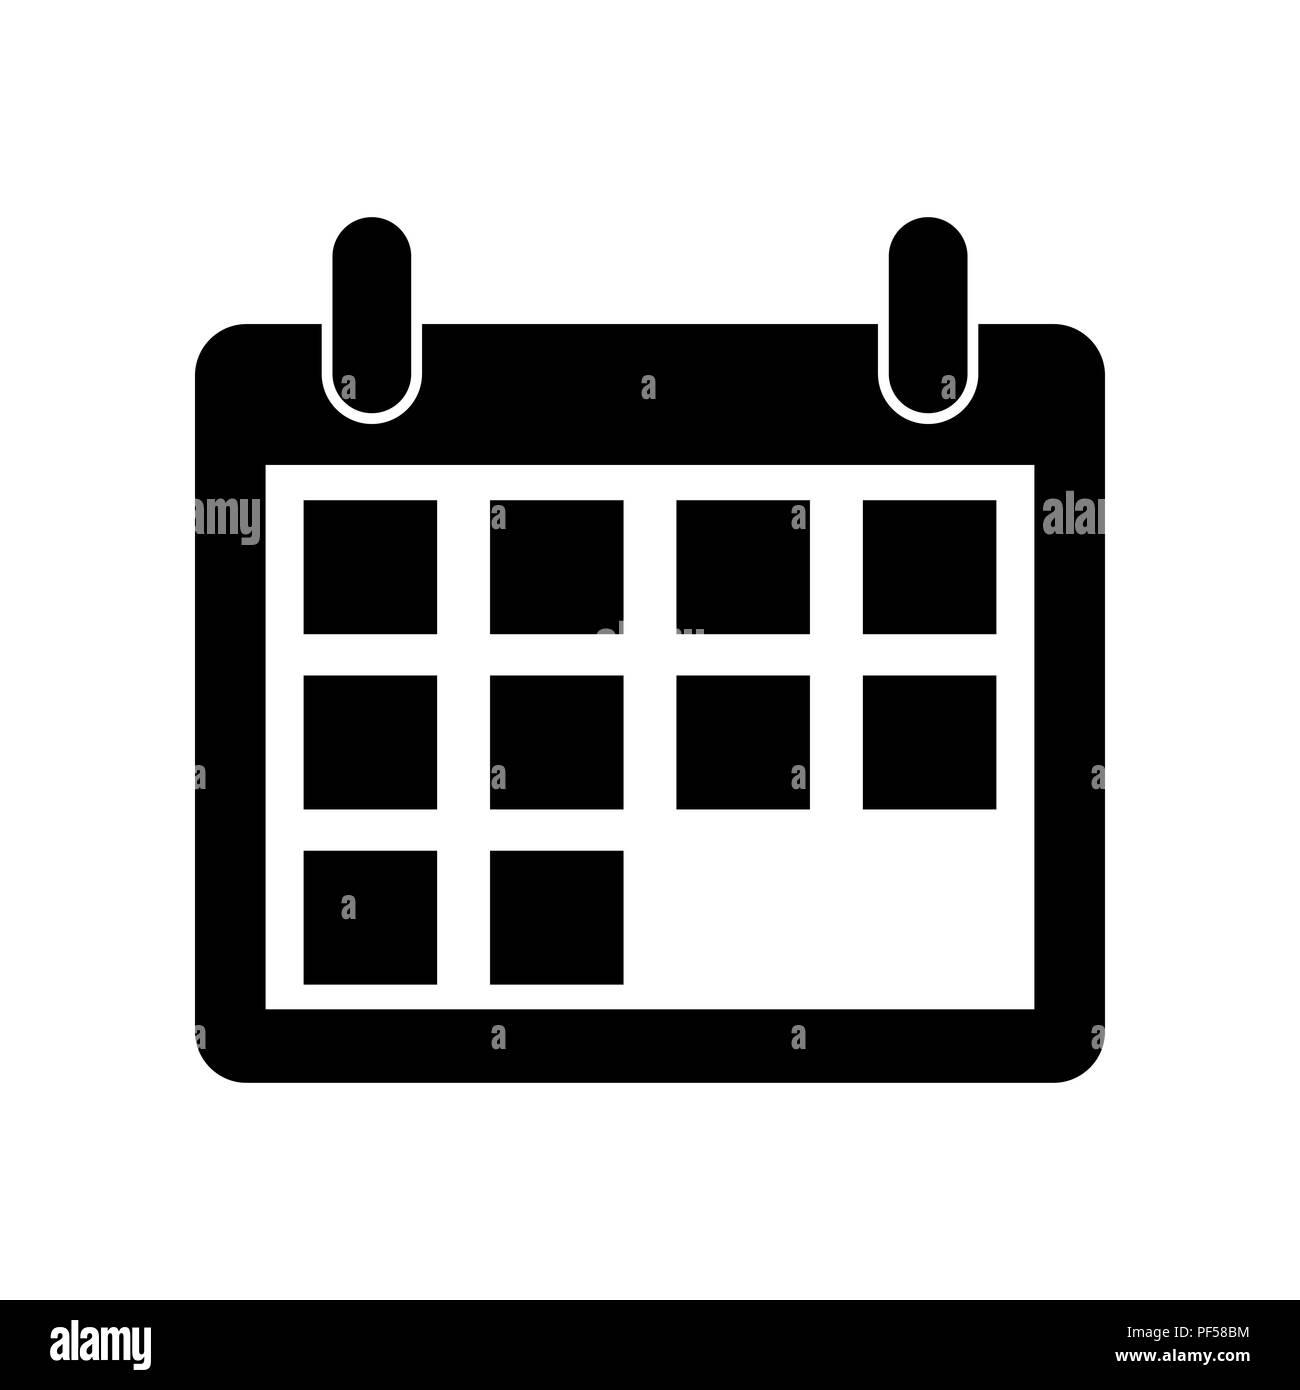 Calendario Vector Blanco.Calendar Sign Illustration Vector Filled Black Icon At